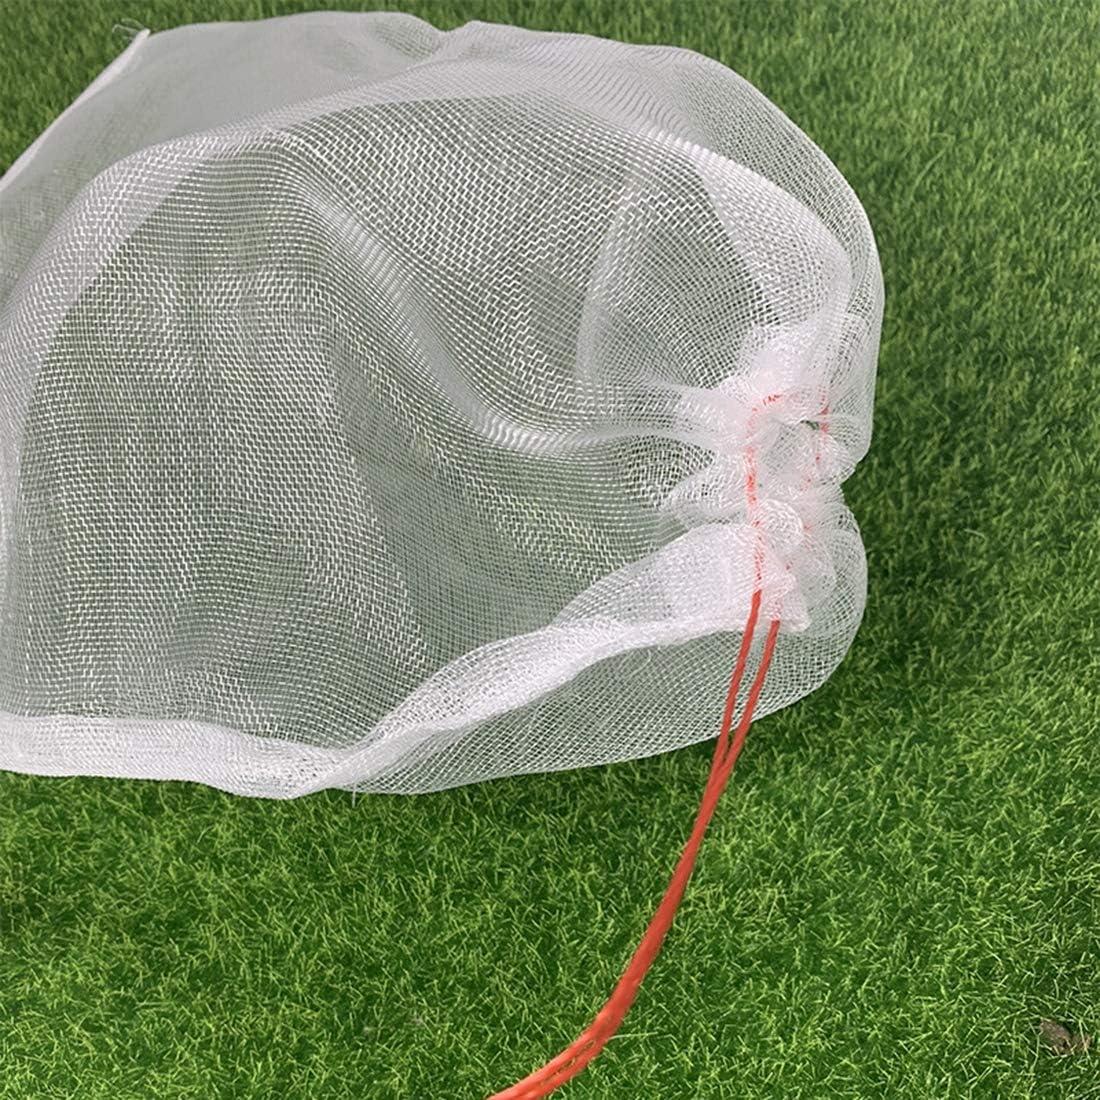 Pflanzenfrucht Schutzbeutel 50 St/ück Pflanzen Und Obstschutzbeutel Mit Kordelzug Gegen Insekt Moskito Bug Pest Vogel Gartenger/äte,30 x 20 cm